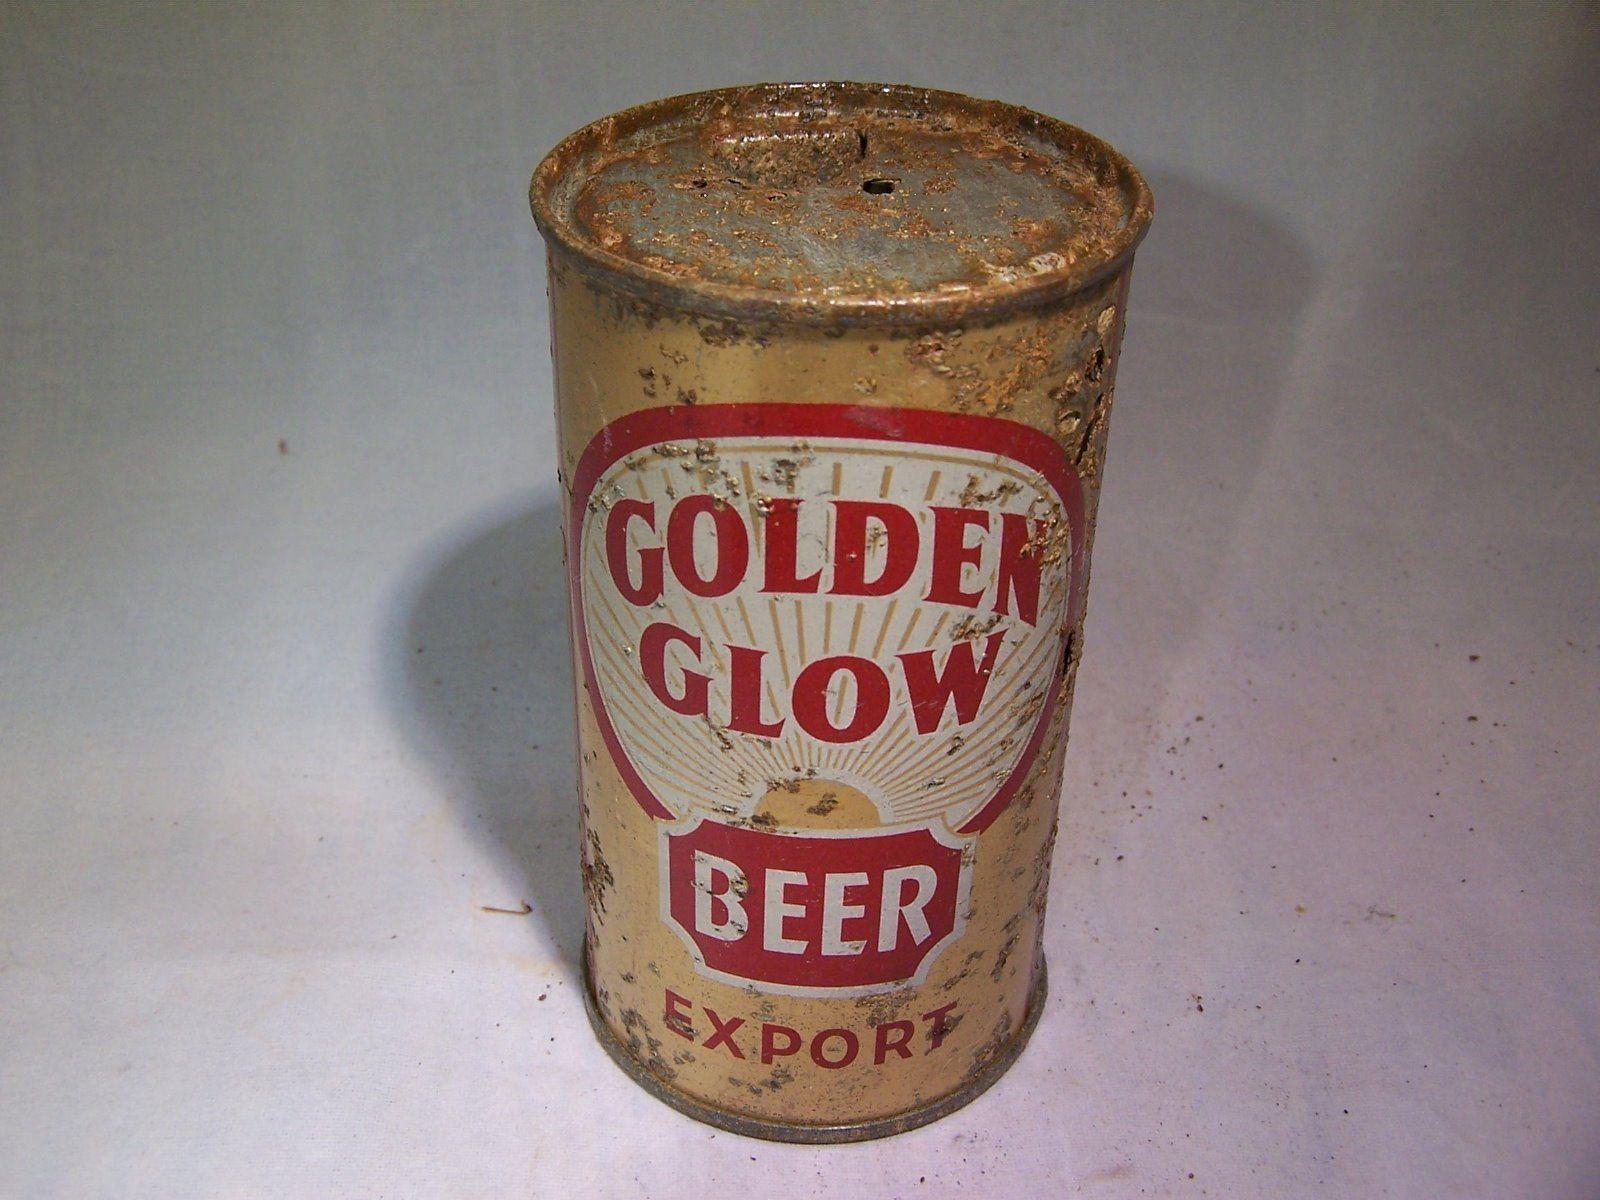 Golden Glow Beer Flat Top Beer Can | eBay